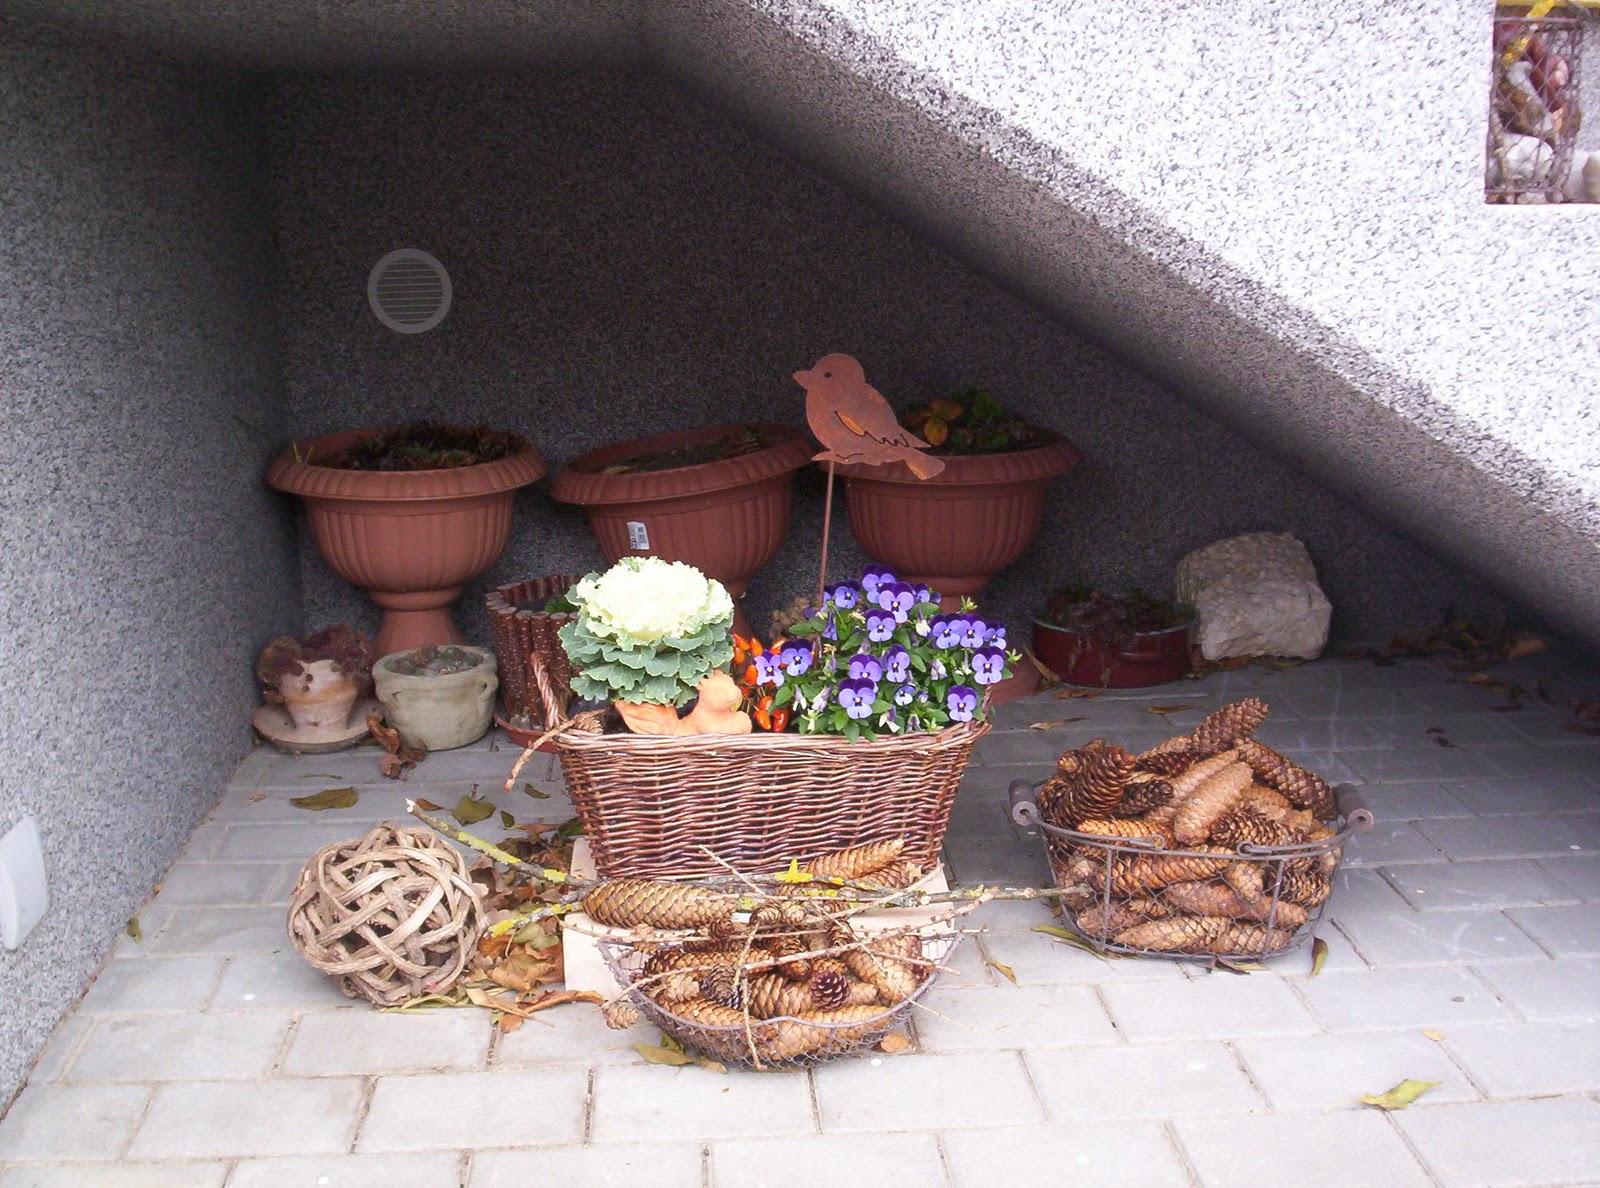 Mein Garten und alles was mein Herz erfreut! Meine Herbstdeko